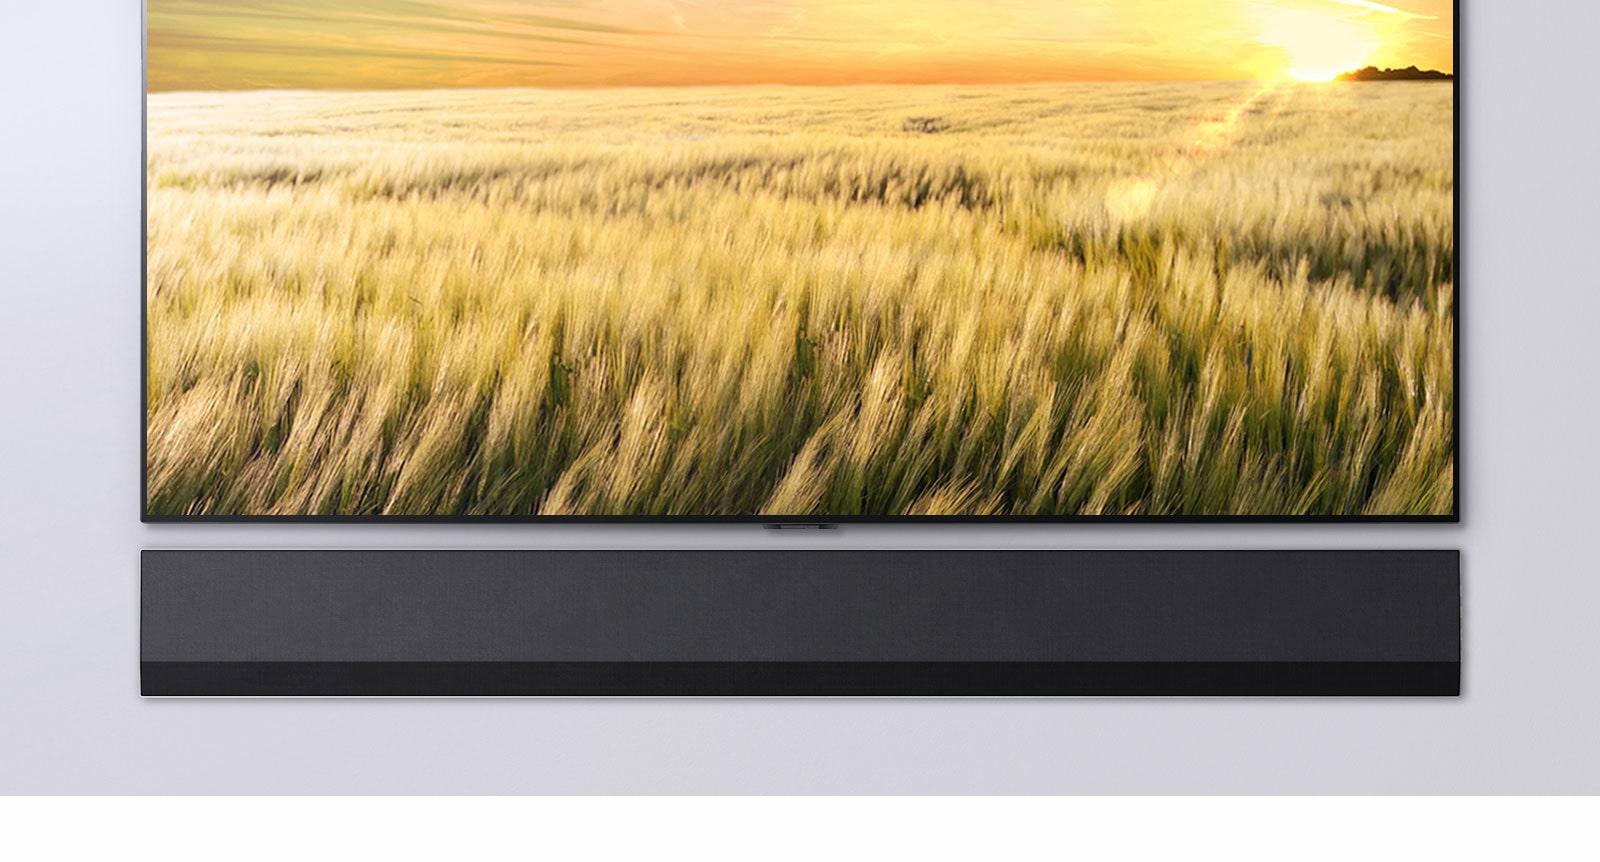 Pogled na televizijo in Soundbar s sprednje strani.  Televizor prikazuje polje trsa ob sončnem zahodu.